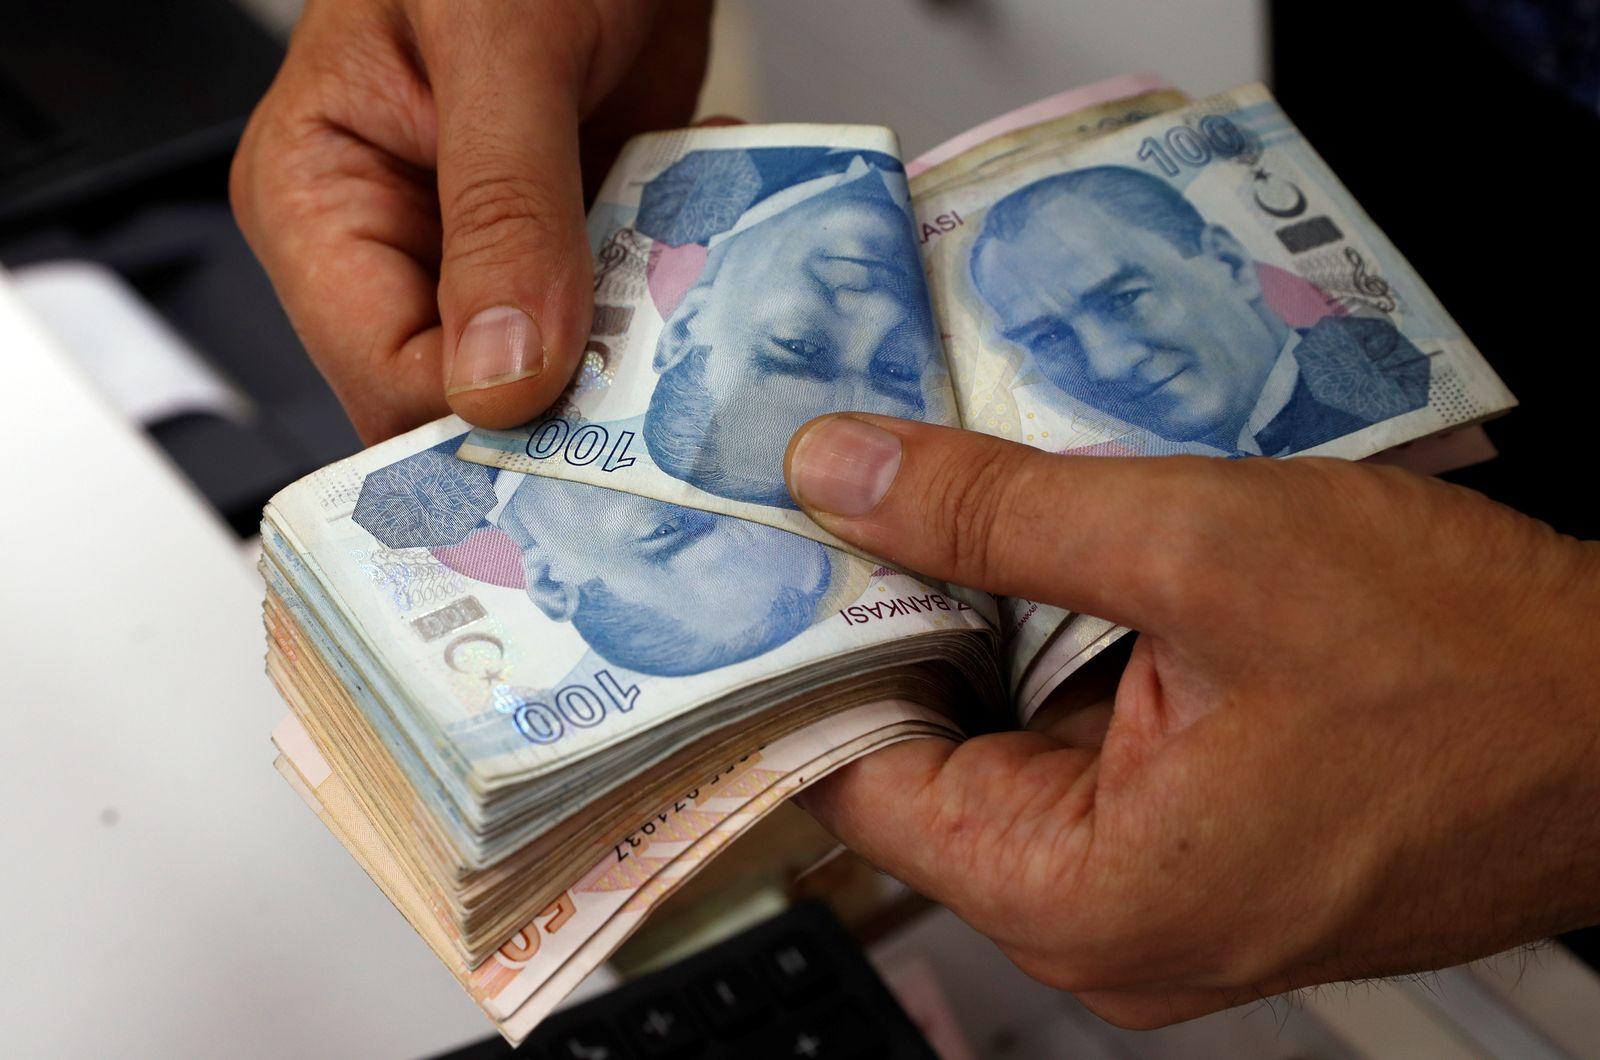 Türkei / Wirtschaft / Banknoten / Lira / Konjunktur /